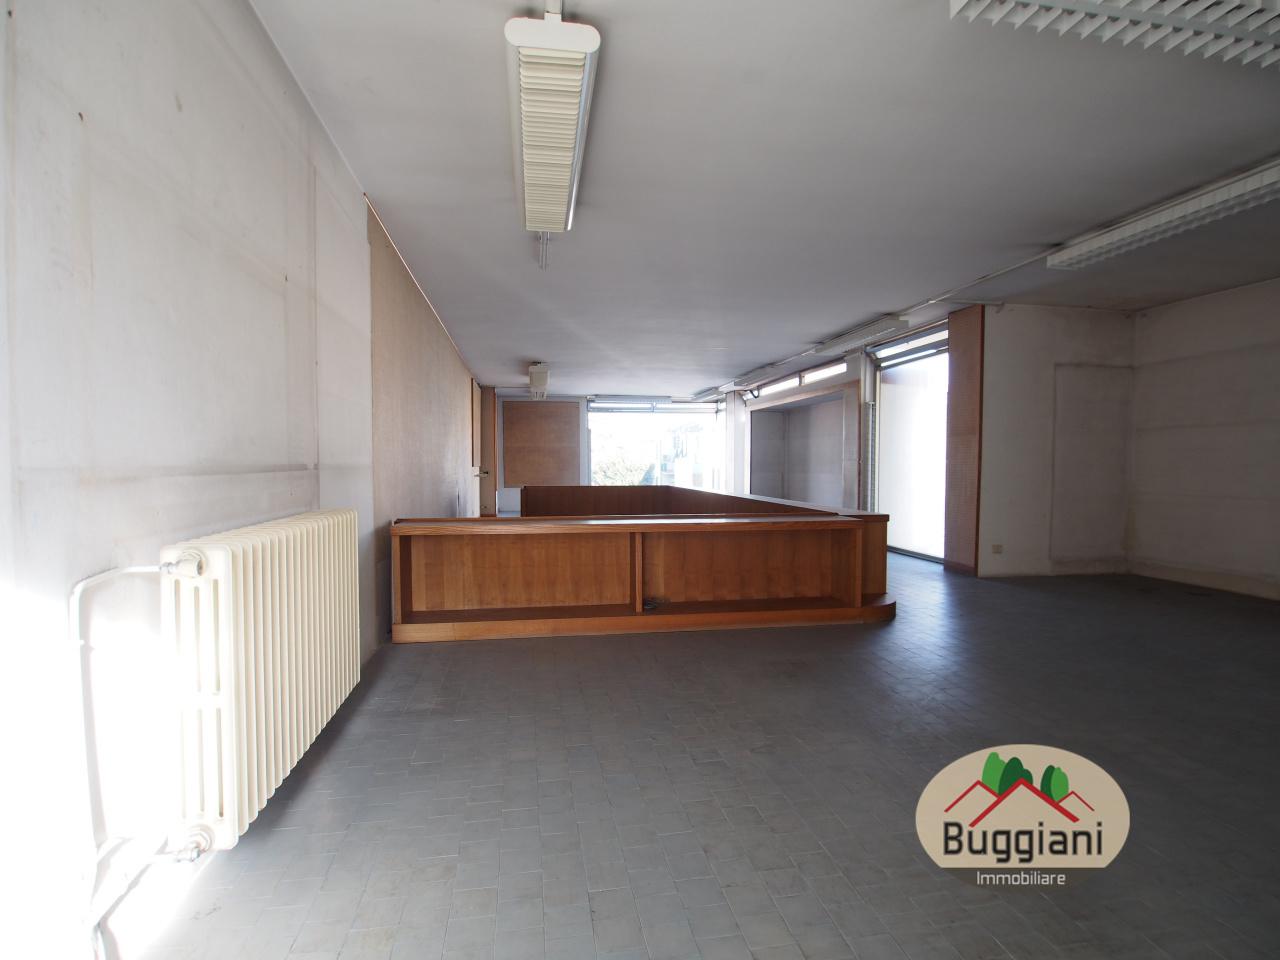 Capannone / Fondo in vendita RIF. F135, San Miniato (PI)